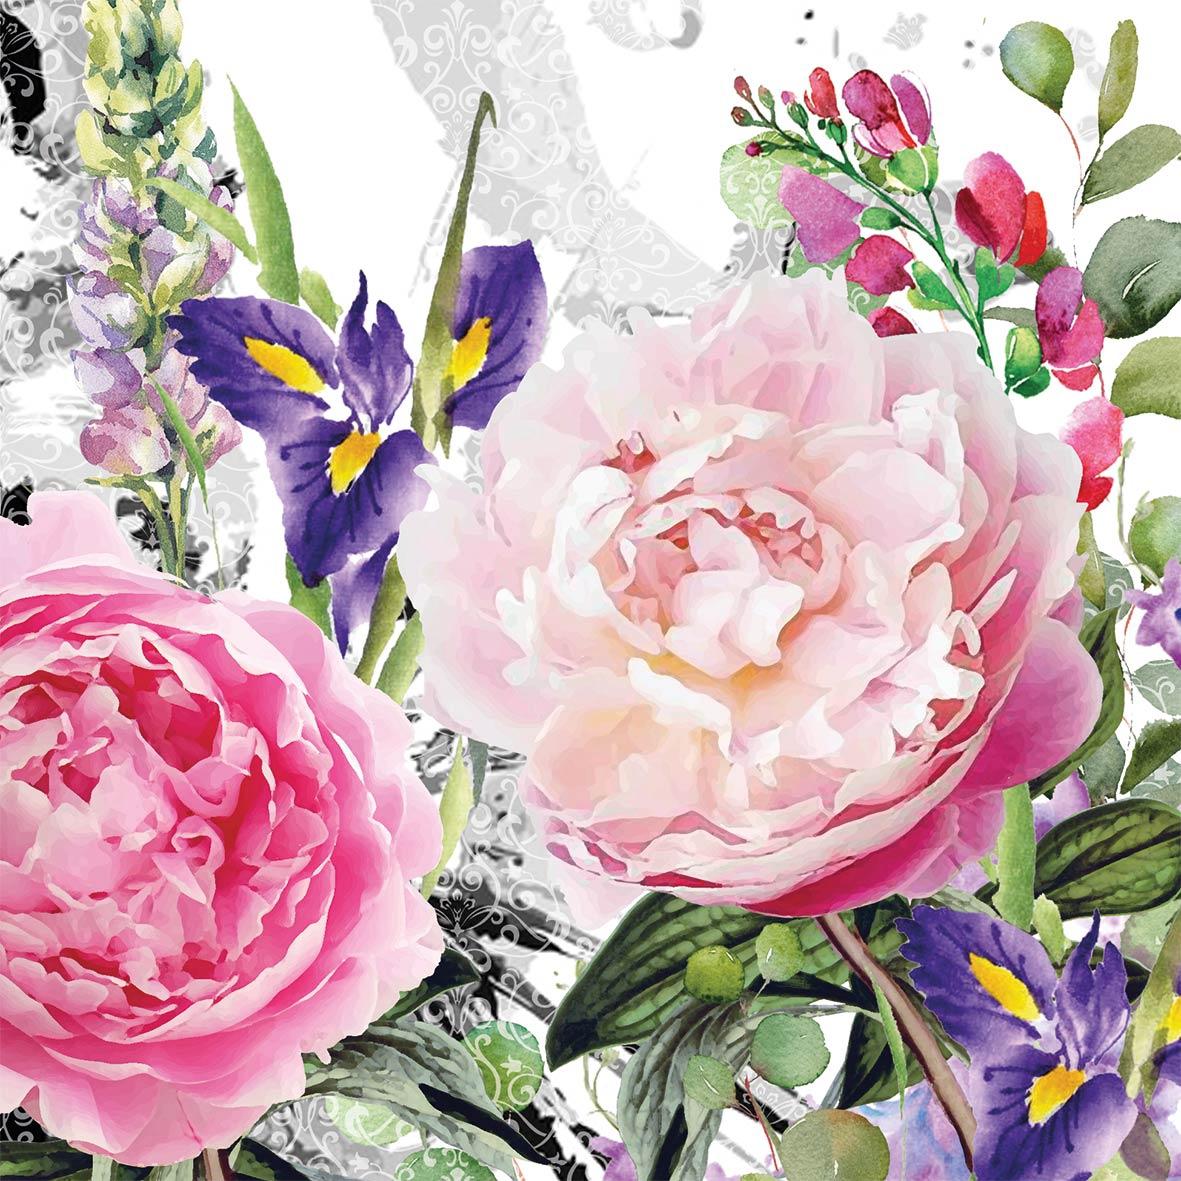 Napkins 25x25 cm - Jardin des roses Napkin 25x25